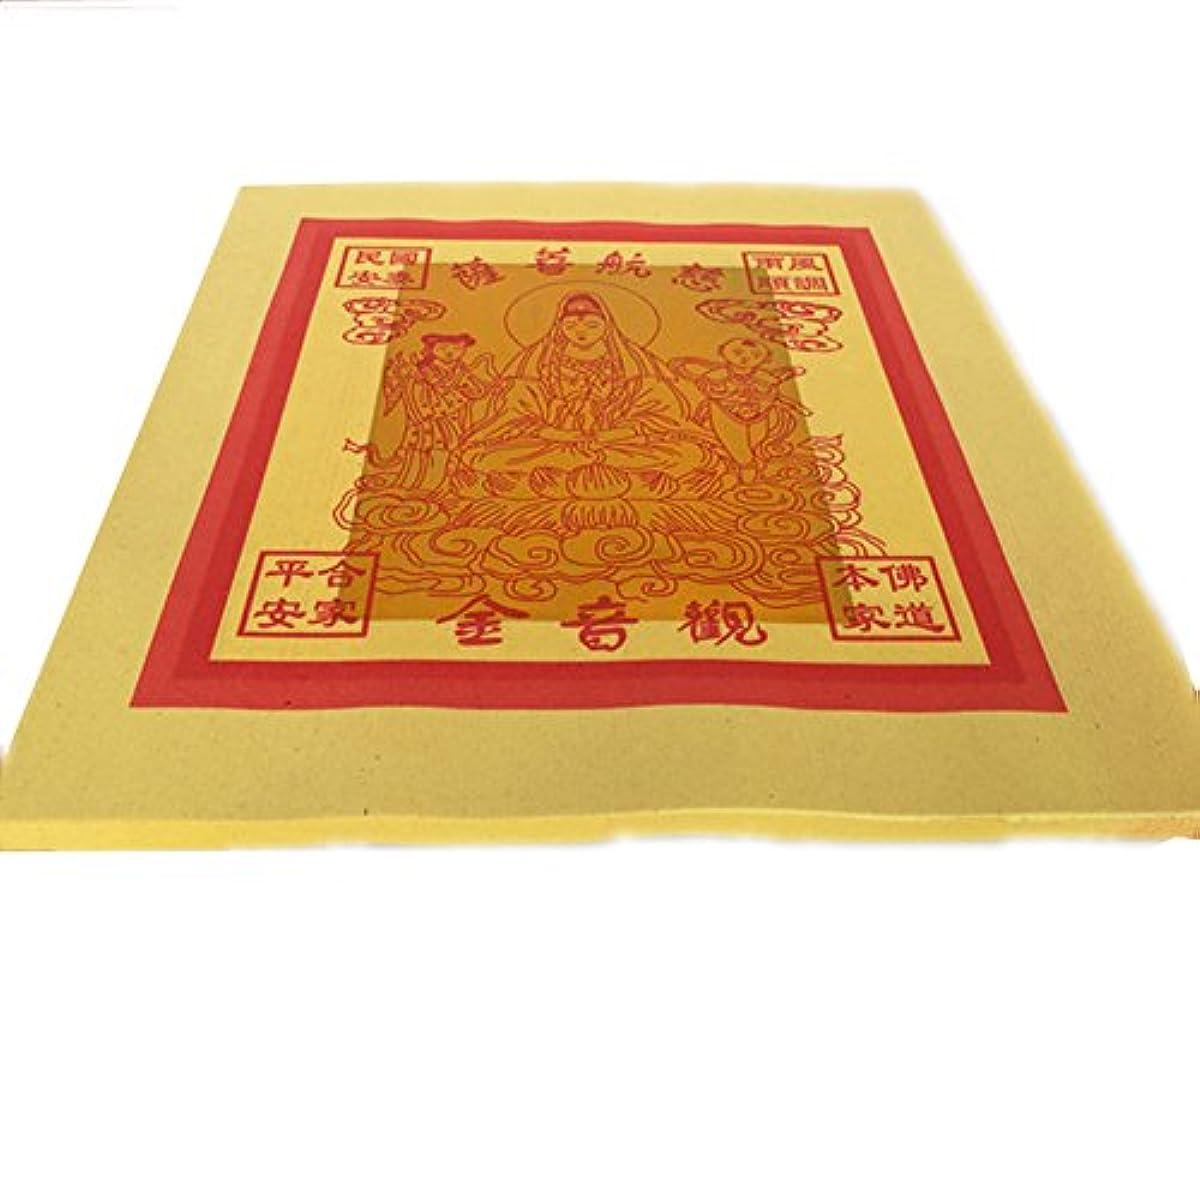 コメント息切れ蛇行zeestar Chinese Joss用紙祖先 – ゴールド箔 – Guanyinゴールド – 大きいサイズ12